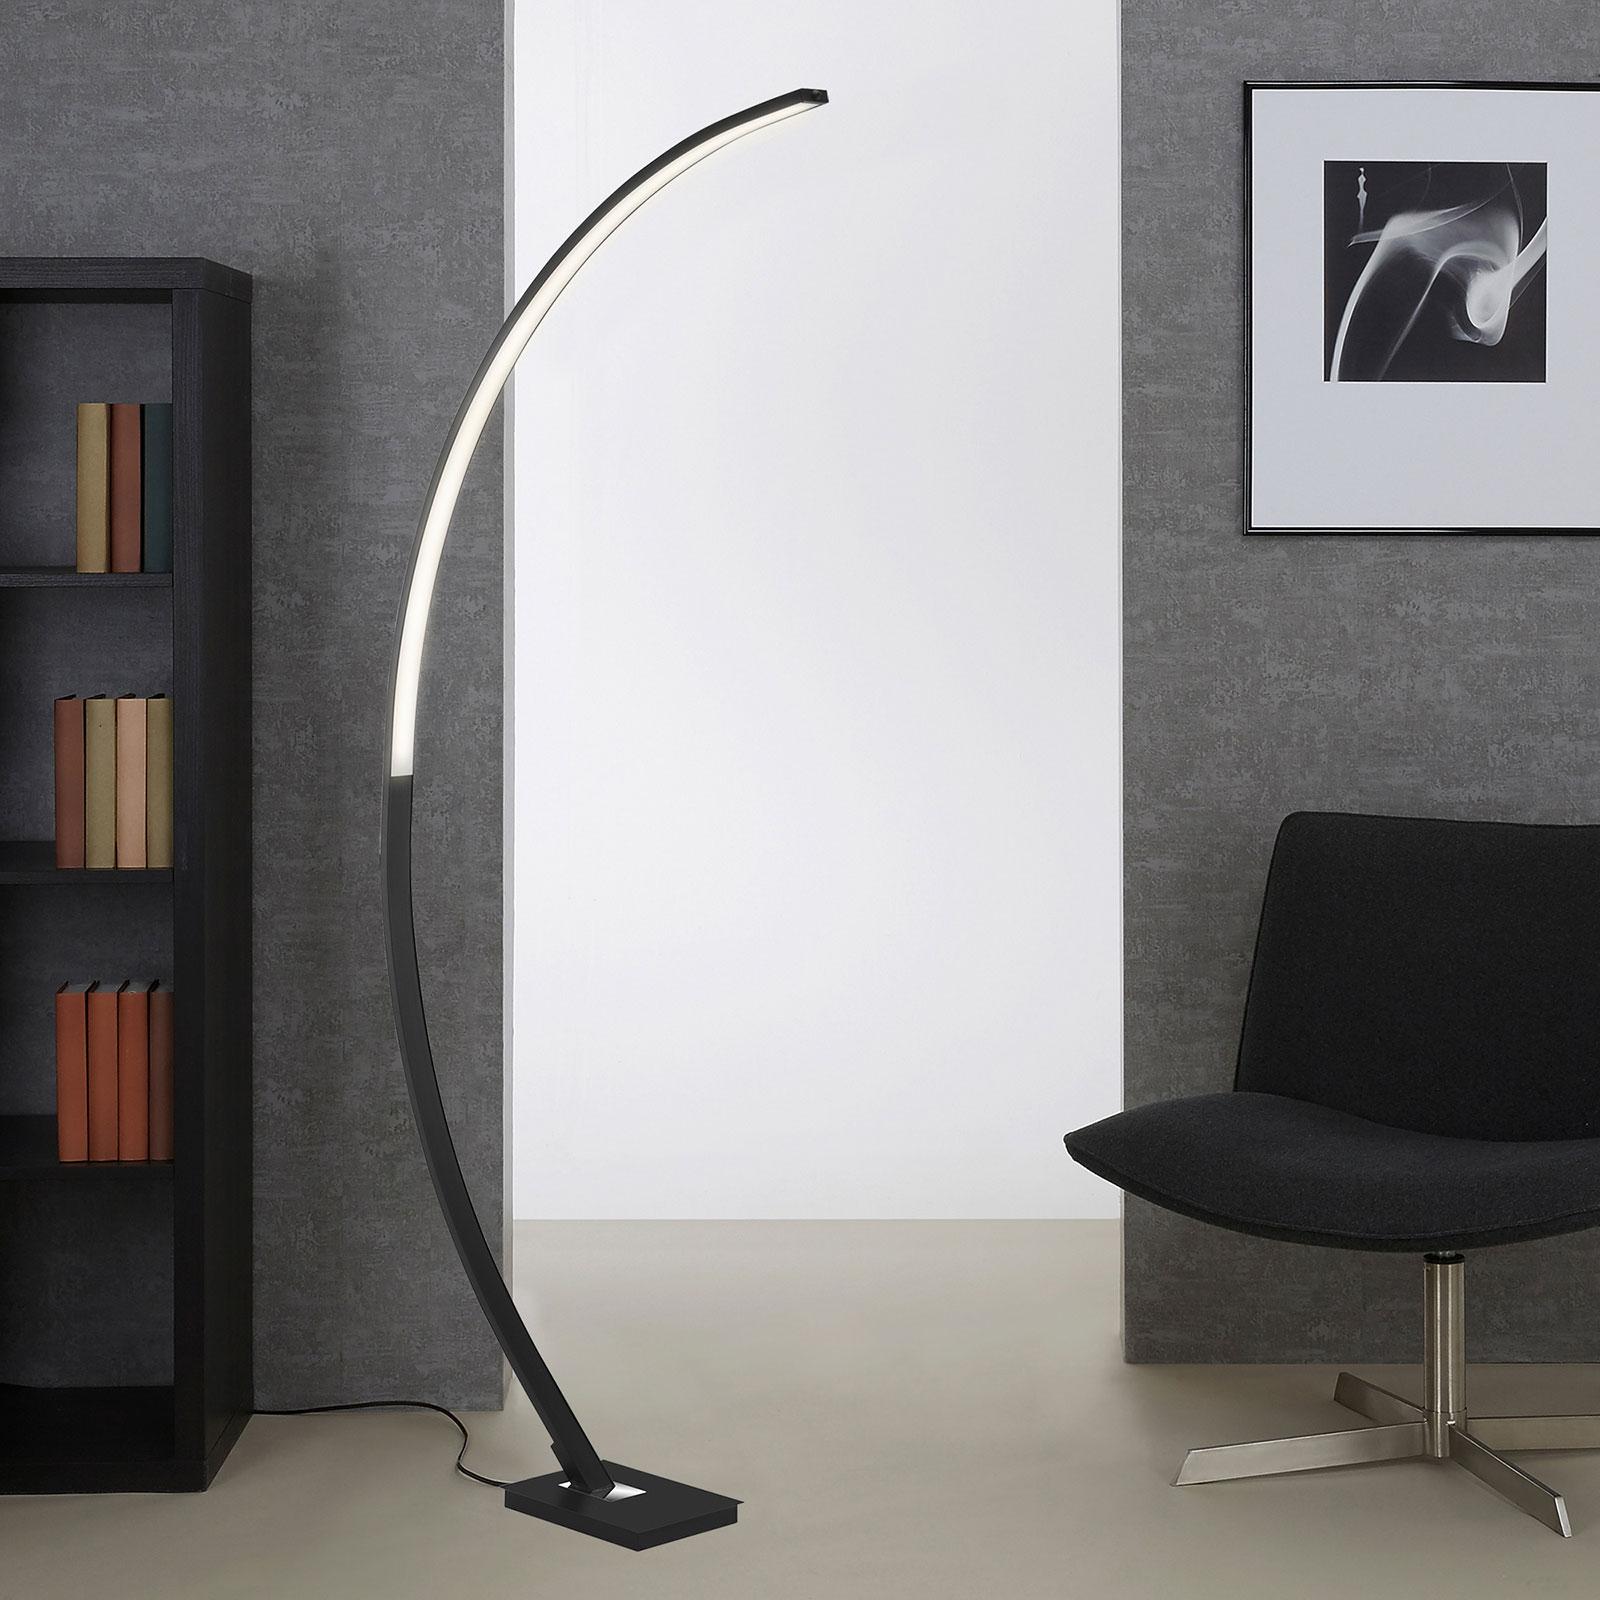 LED-buelampe 1361-015 med dimmer, svart